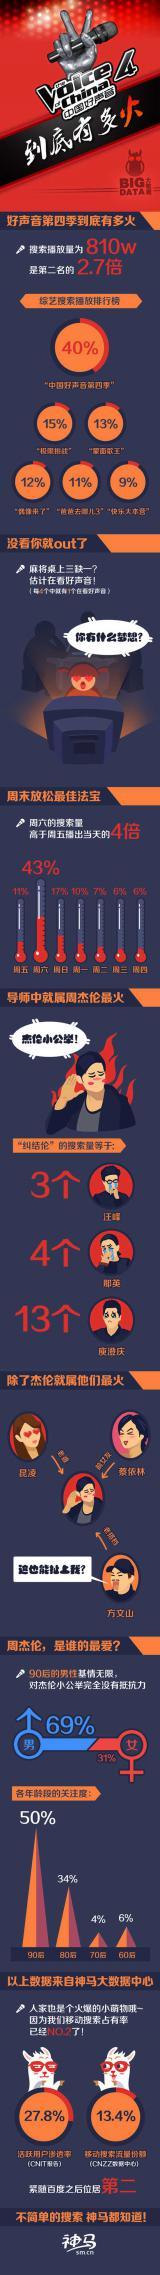 《中国好声音》总决赛收官 到底有多火 神